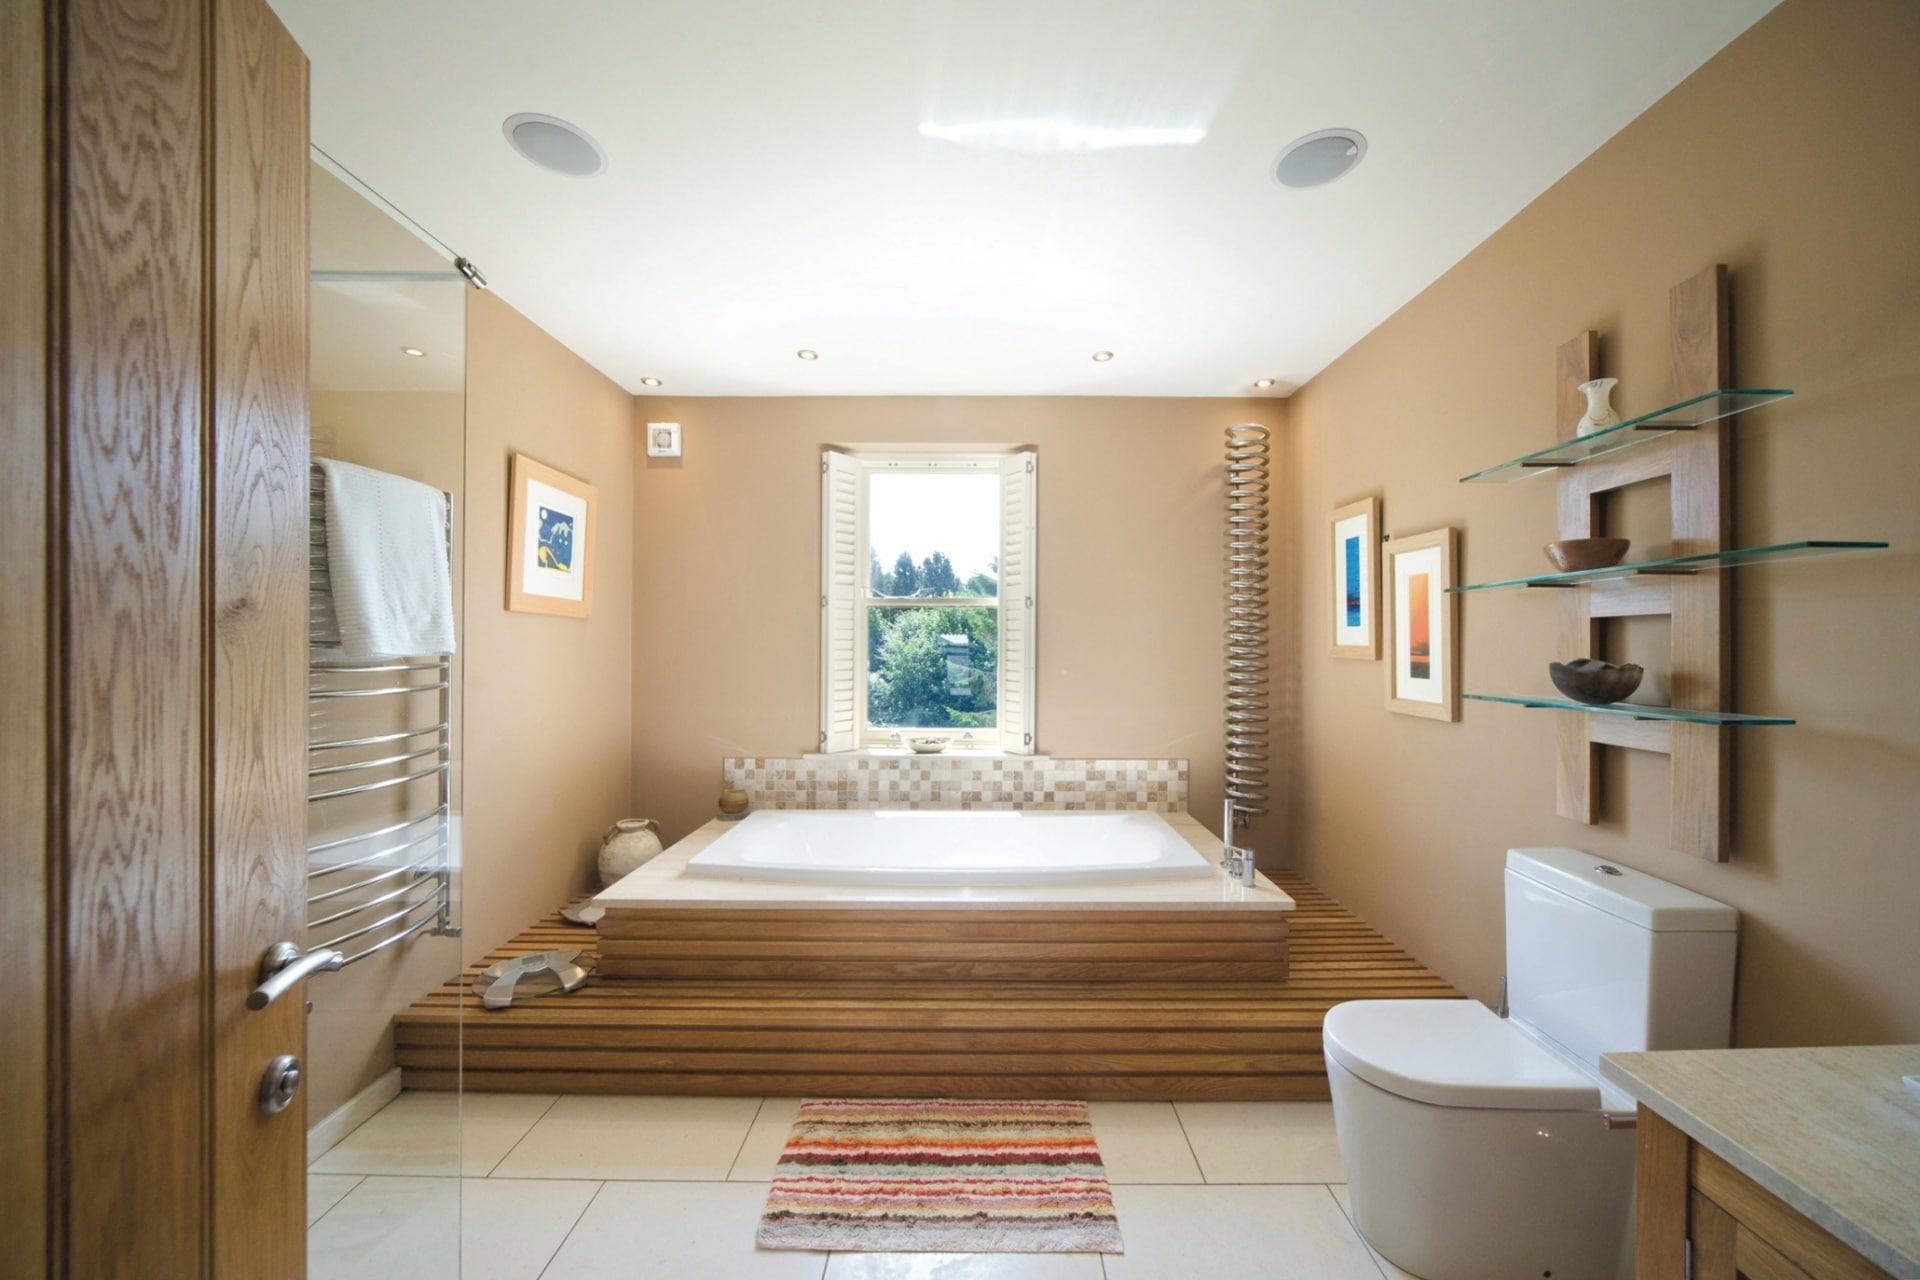 cualquier rincn opta por los pisos escalones vigas o incluso accesorios es mi favorito ya que se ve minimalista sin duda uno de los baos de lujo